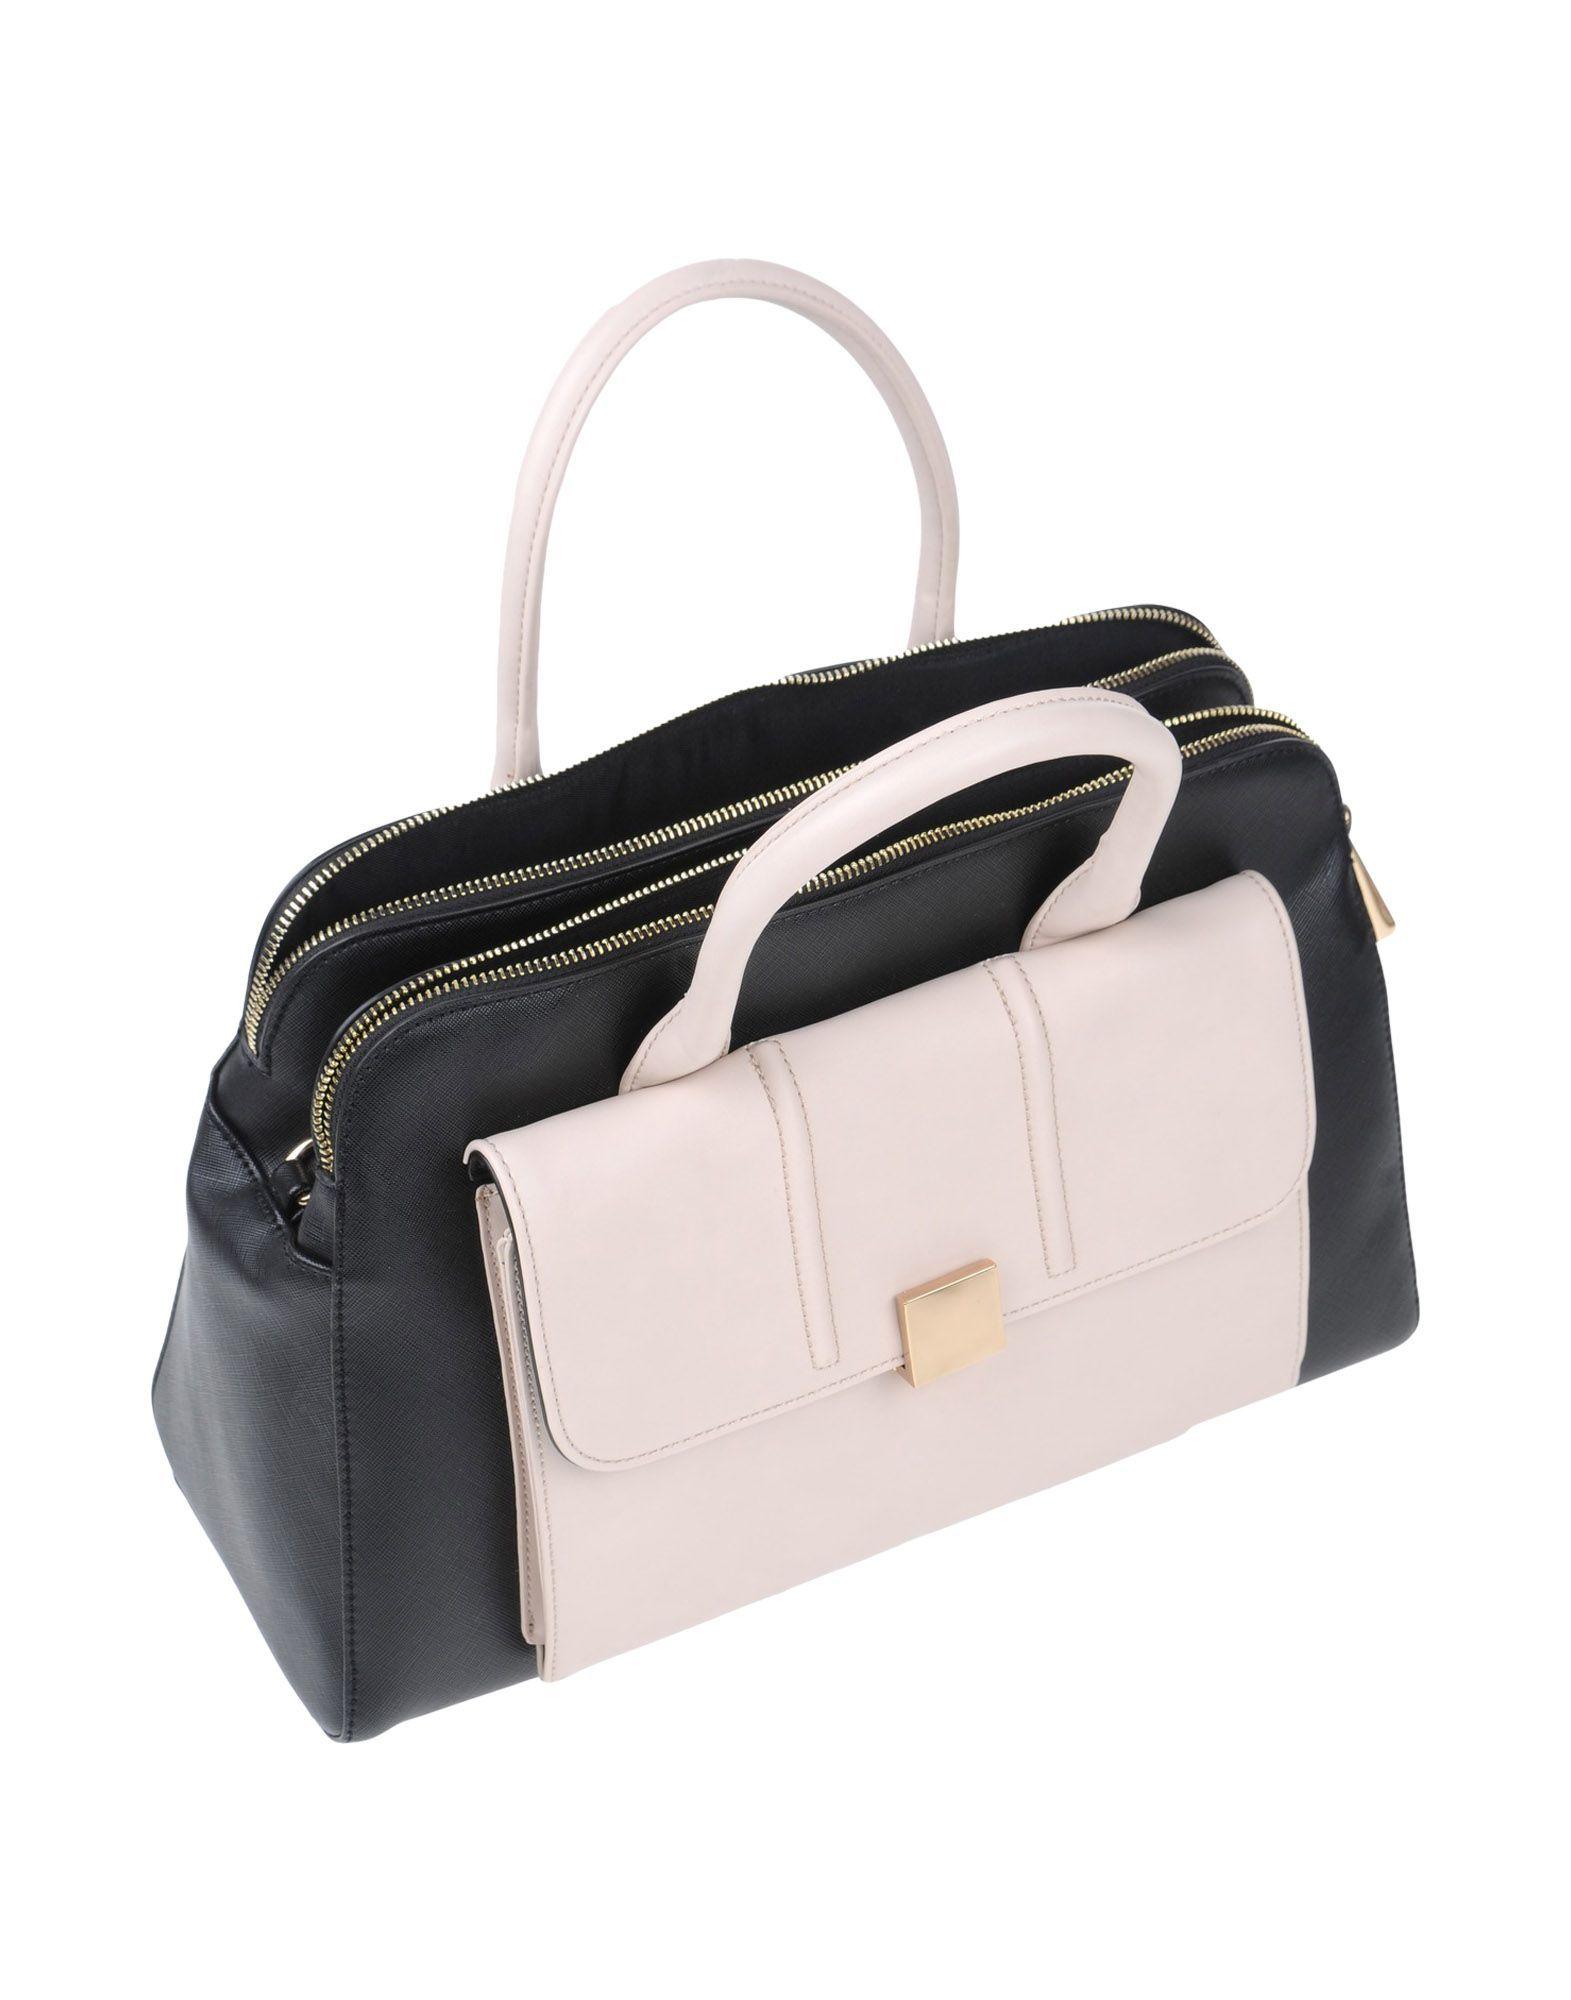 Nenette Black Colourblock Faux Leather Bowler Bag